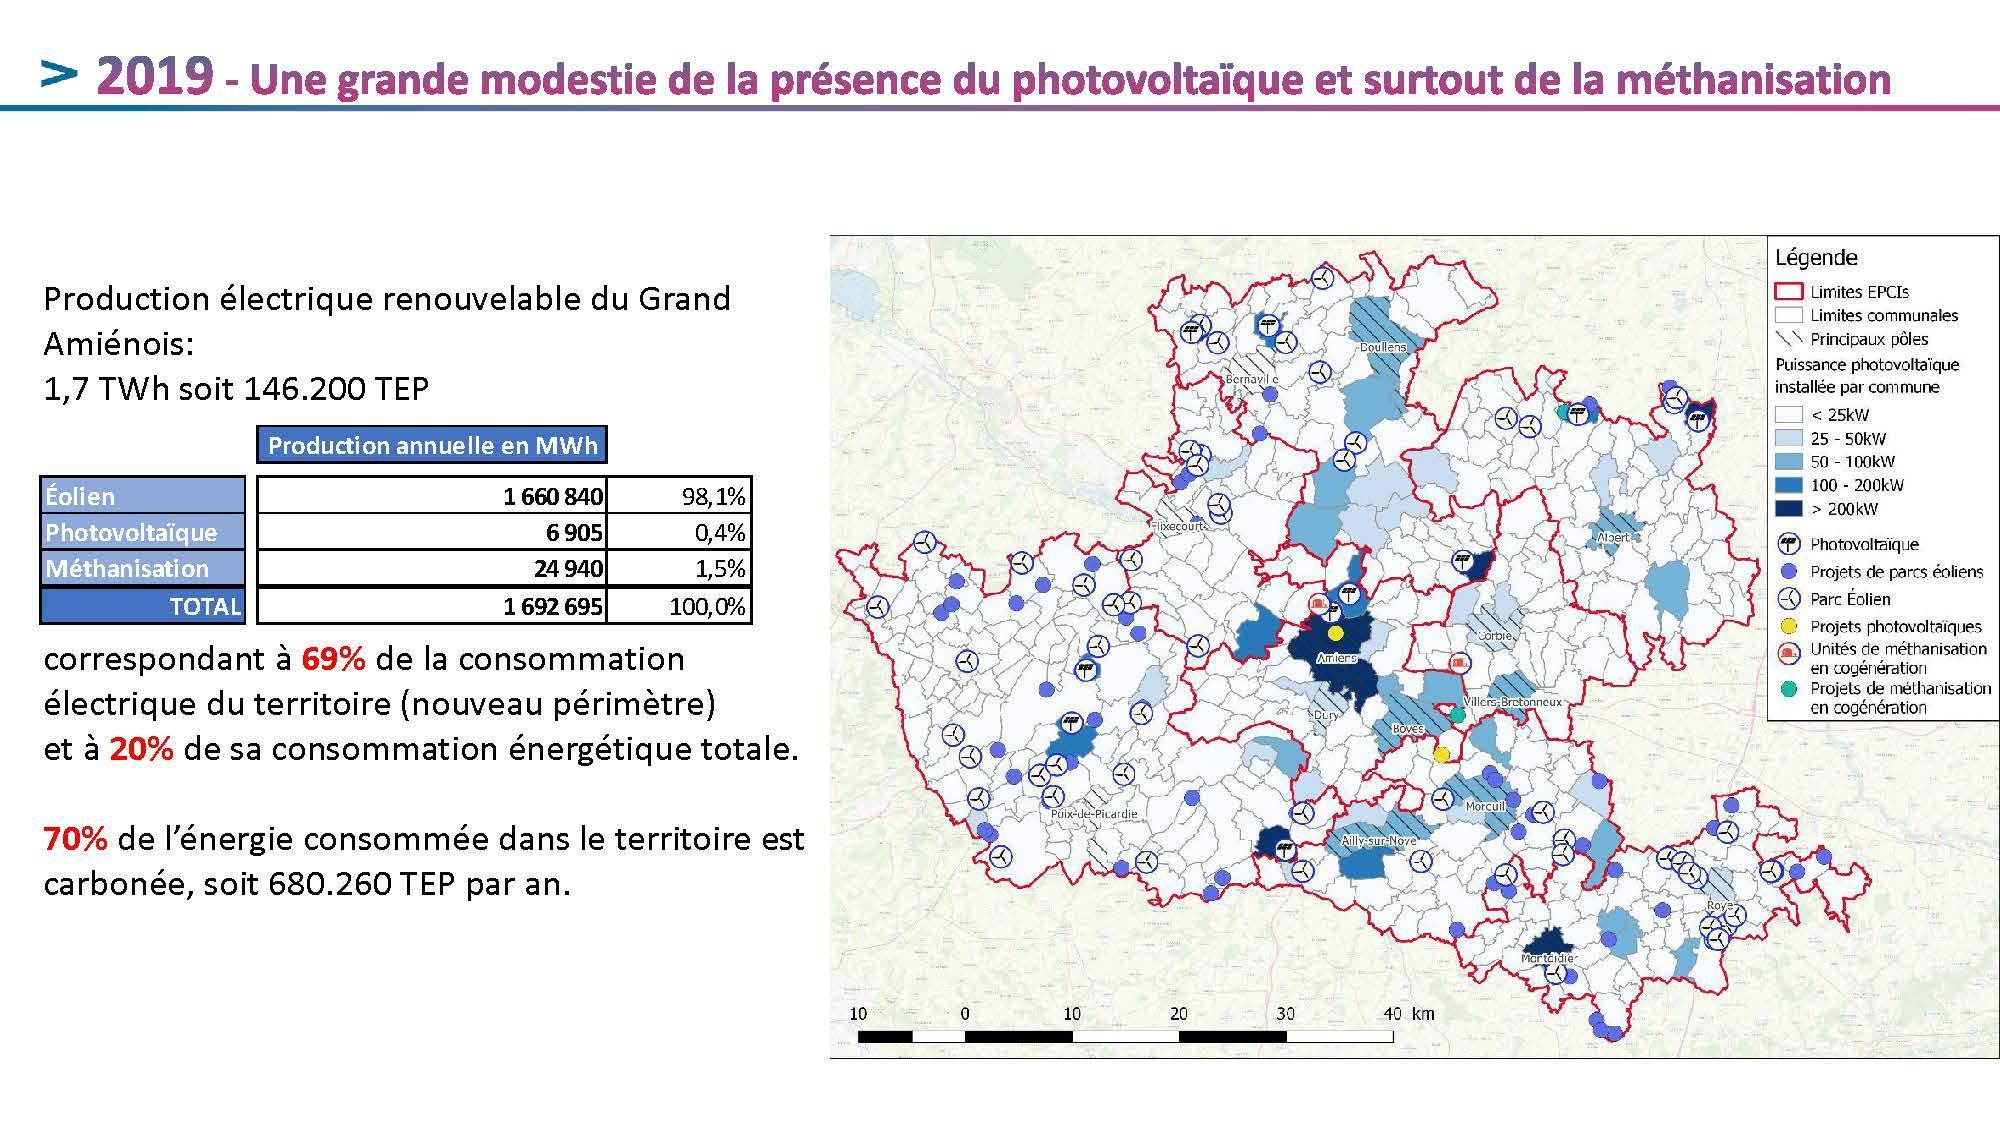 La carte du mois: La production électrique renouvelable du Grand Amiénois.